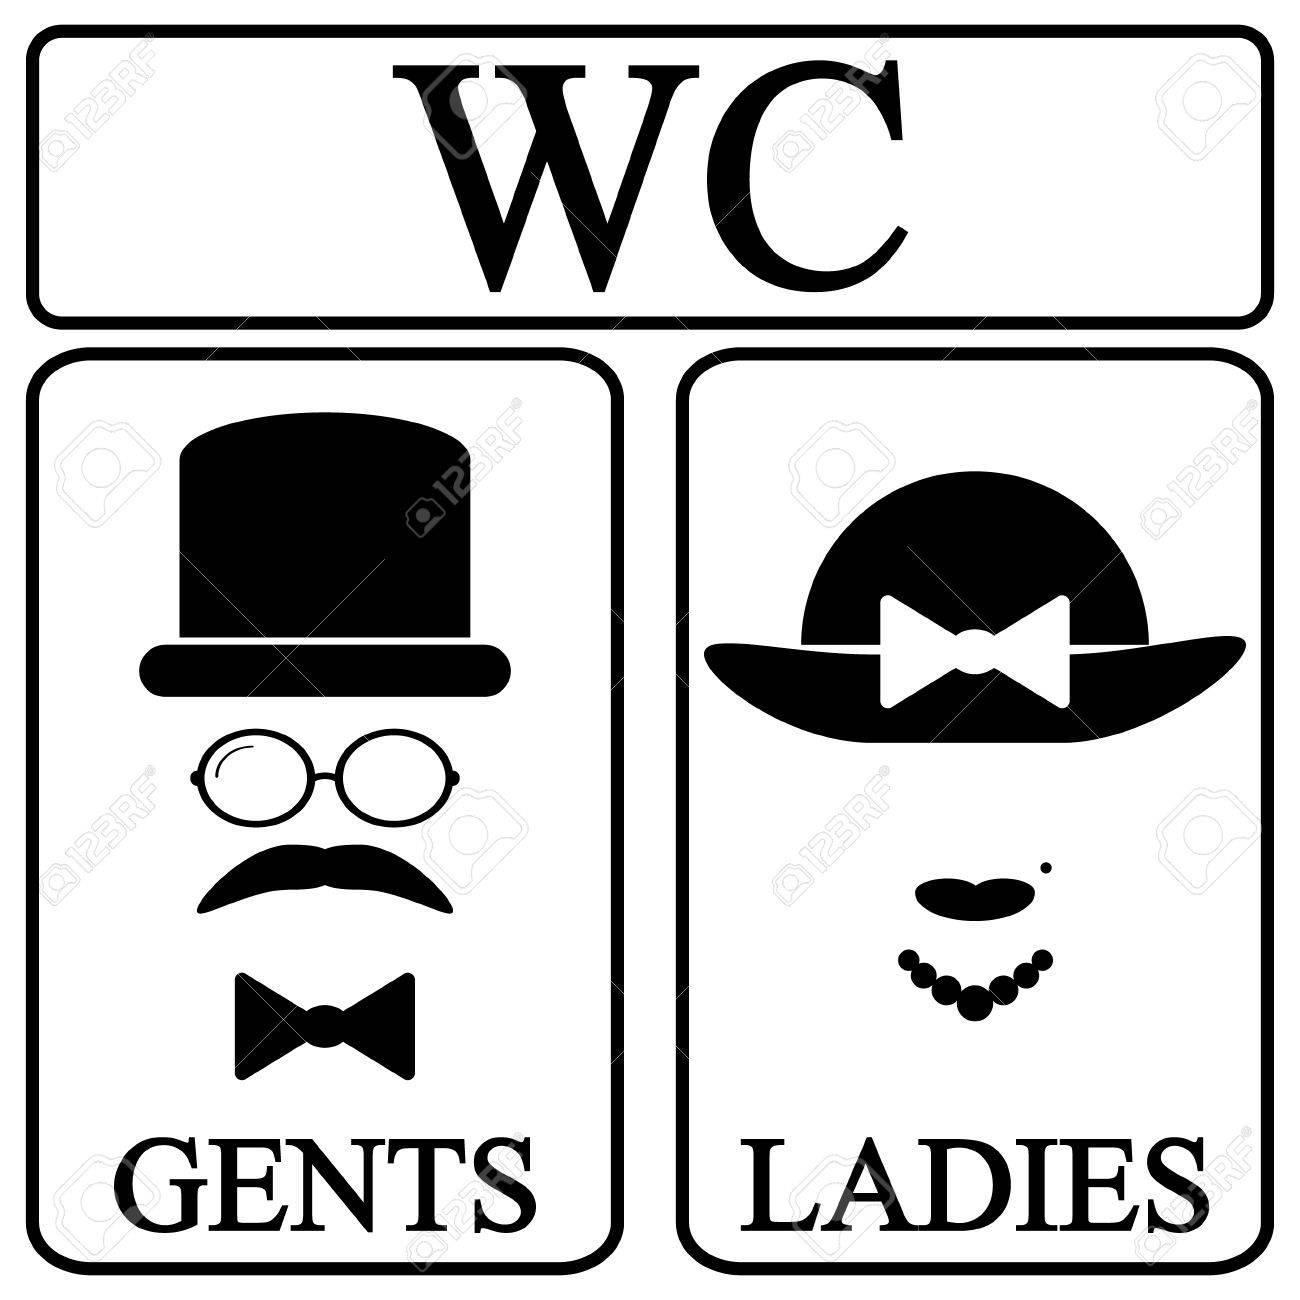 Restroom Symbols Vector Restroom Symbol Icons in